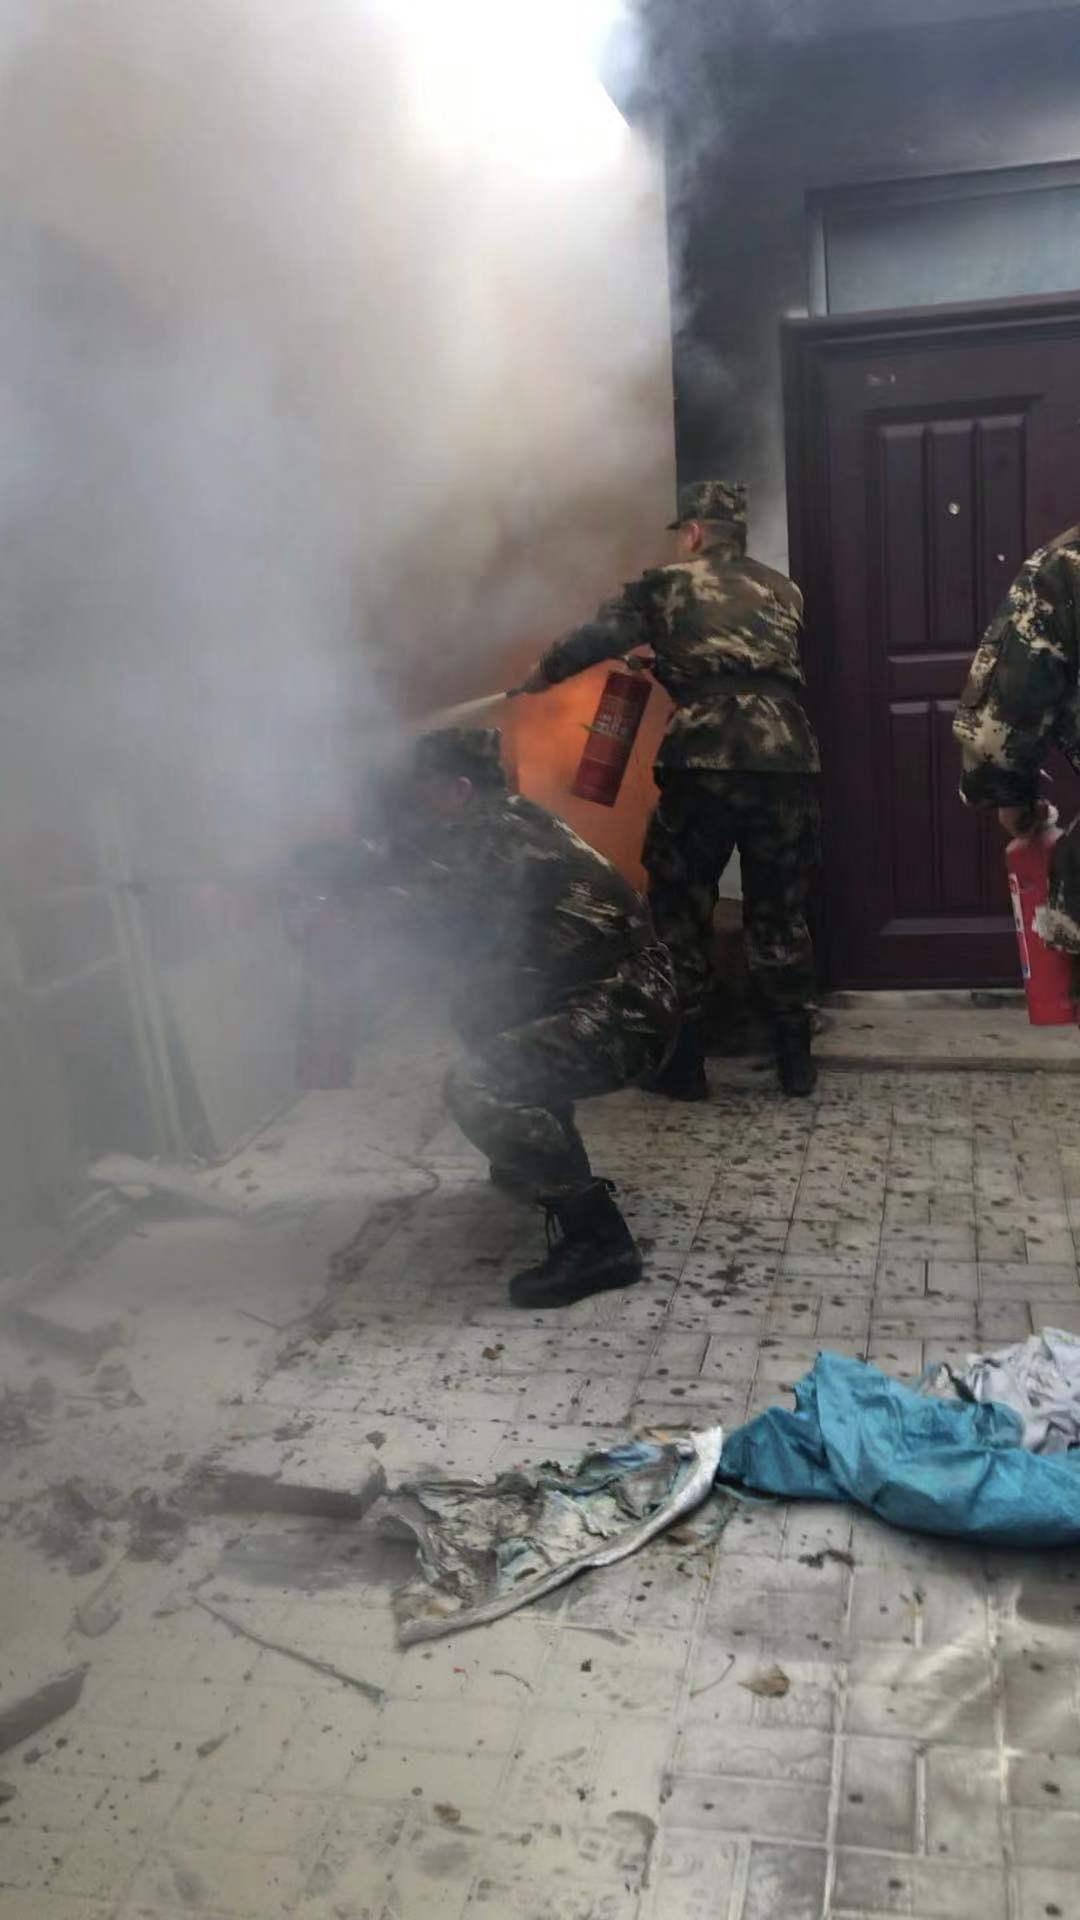 北京朝阳一居民楼旁车棚起火 一居民被困获救|起火|火灾